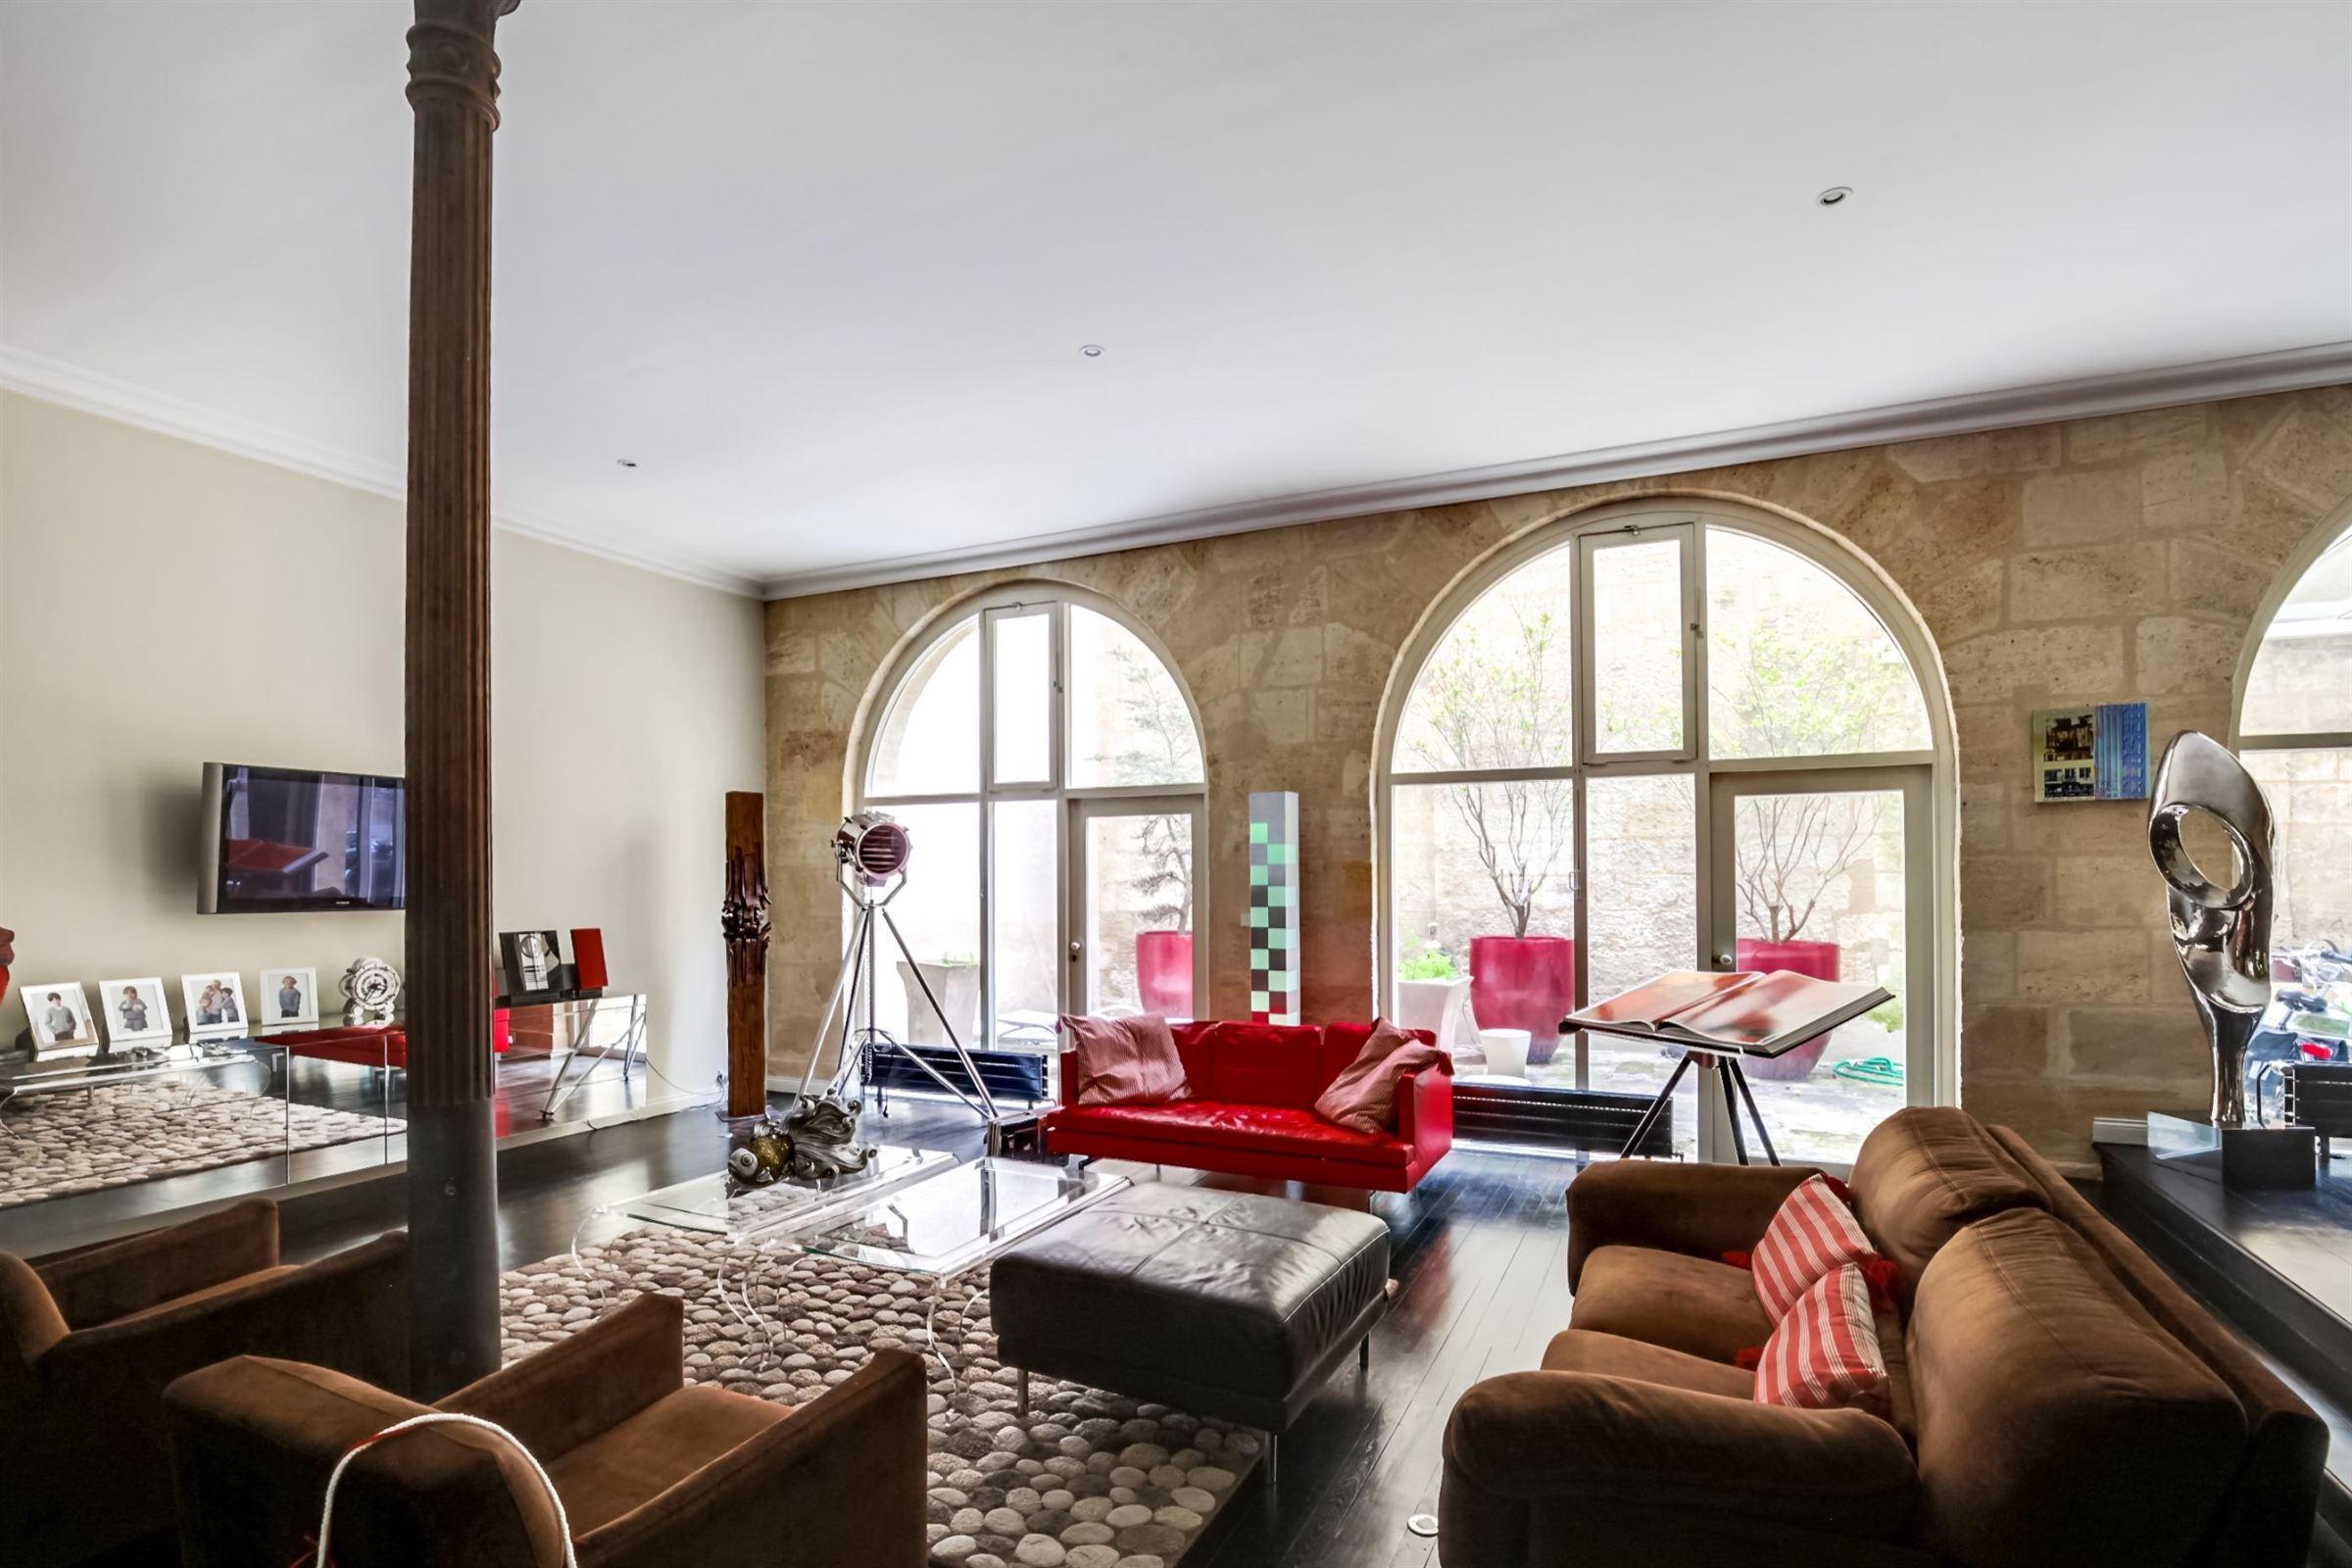 Appartement pour l Vente à DOWNTOWN BORDEAUX - VAST 4 BEDROOM DUPLEX WITH 2 TERRACES AND PARKING SPACES Bordeaux, Aquitaine, 33000 France